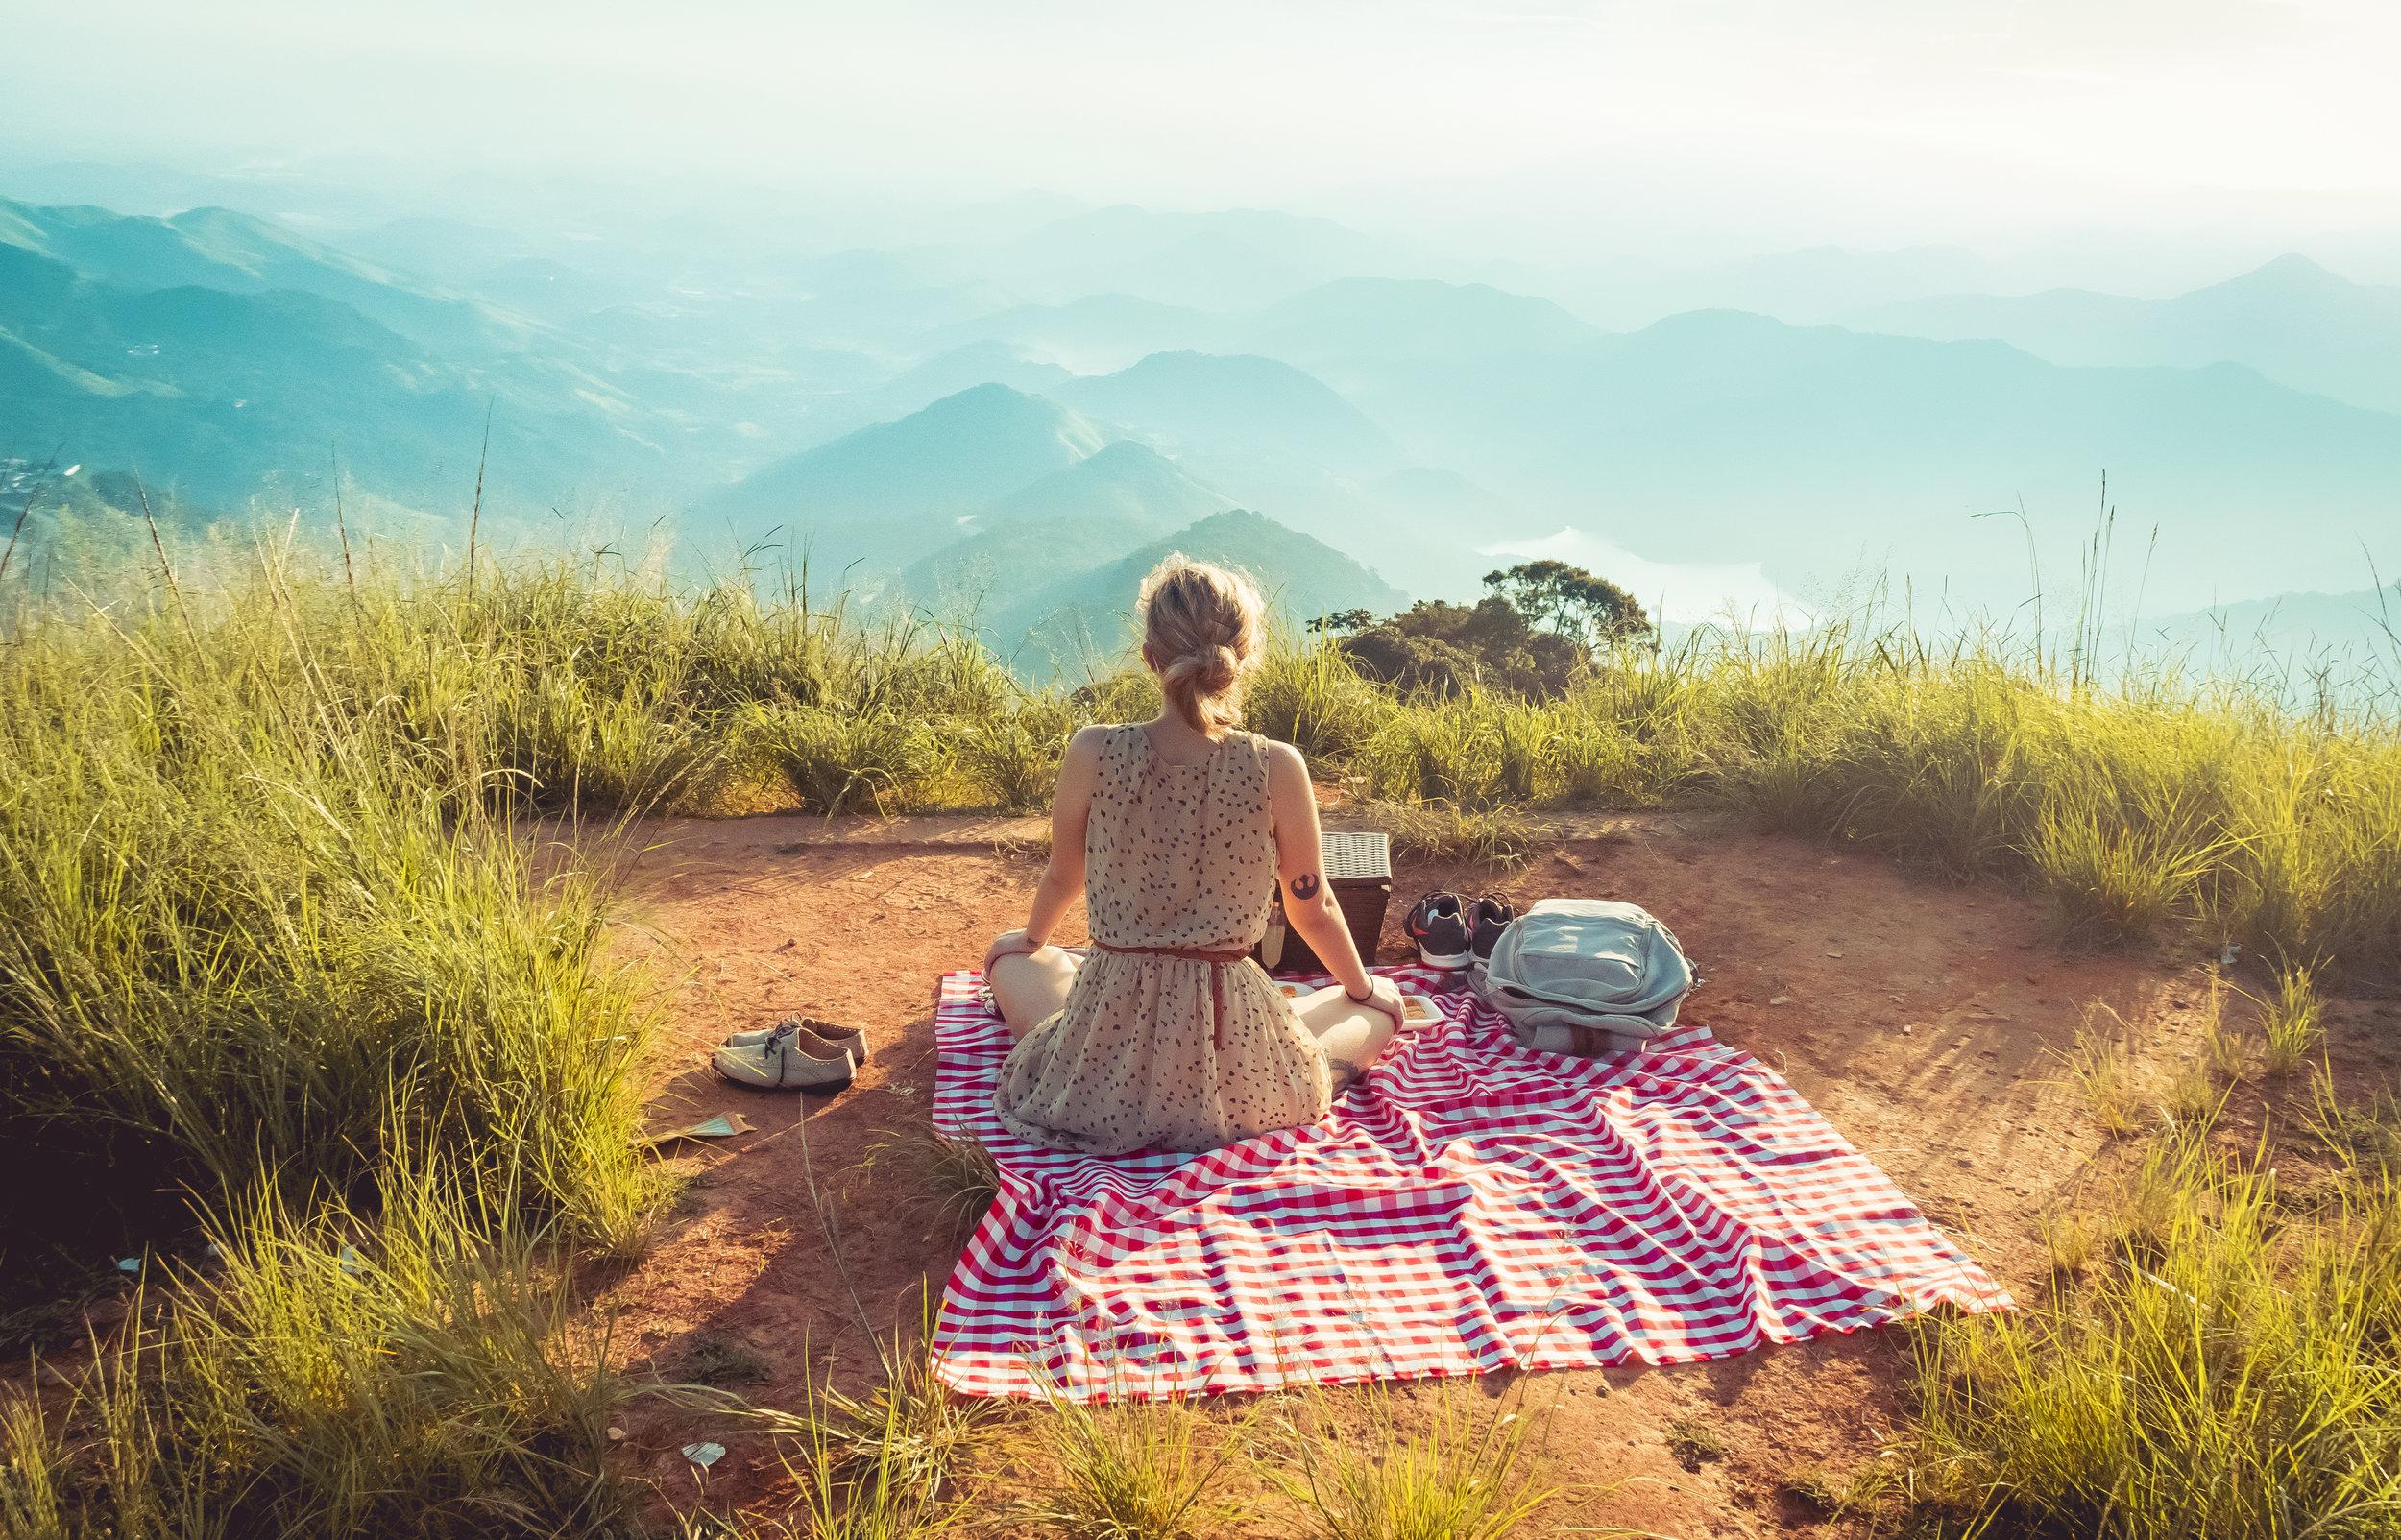 AUTÉNTICO PIC-NIC - En saberico te brindamos una experiencia única para tu PIC-NIC así disfrutas La Antigua Guatemala en cualquier lugar dónde puedas empezar a contar una nueva historia.